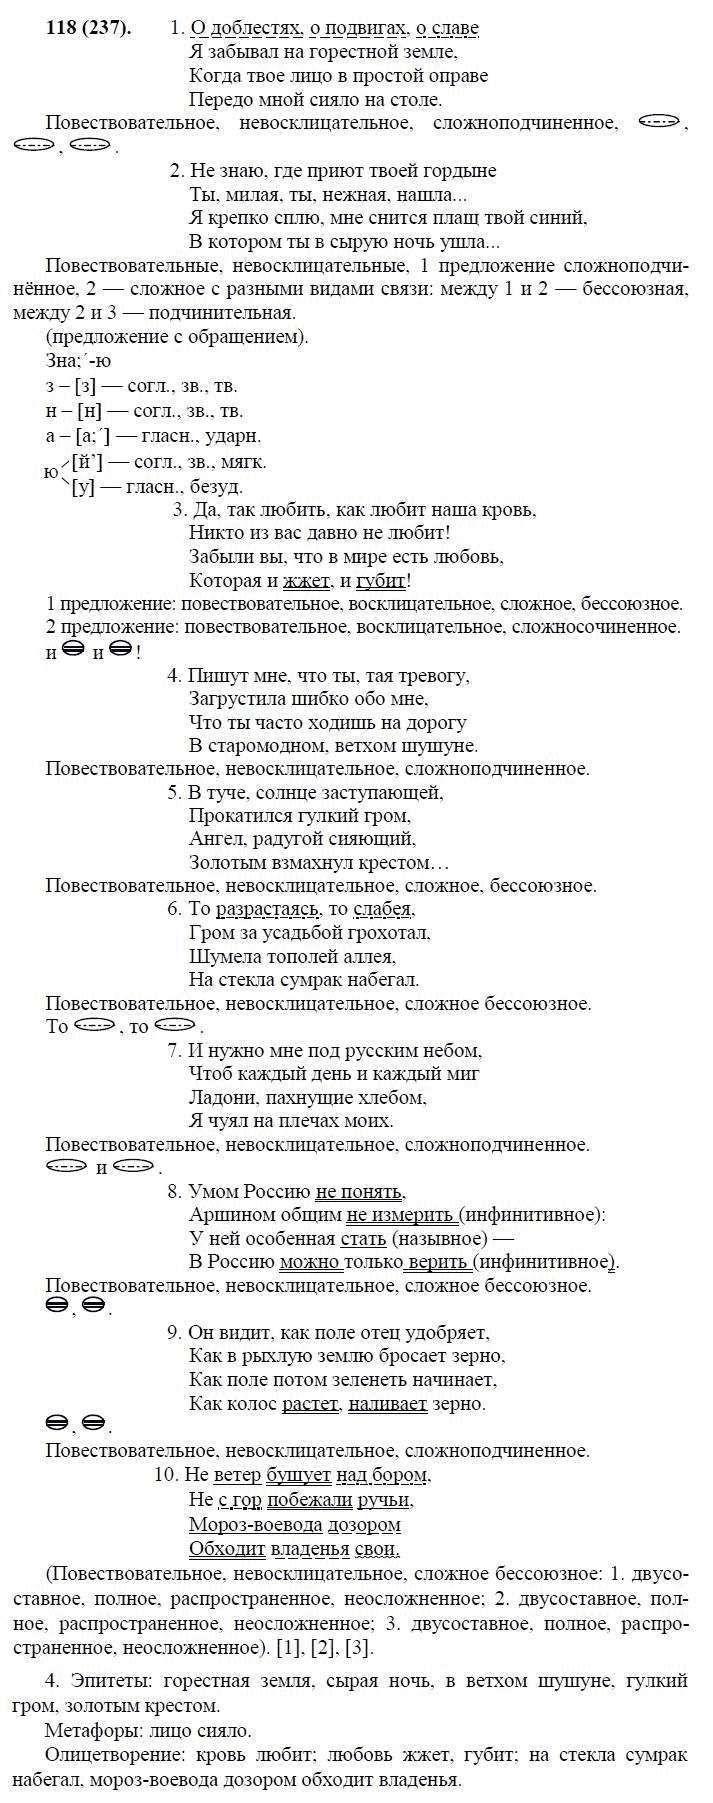 Умк гармония контрольные диктанты для 4 класса